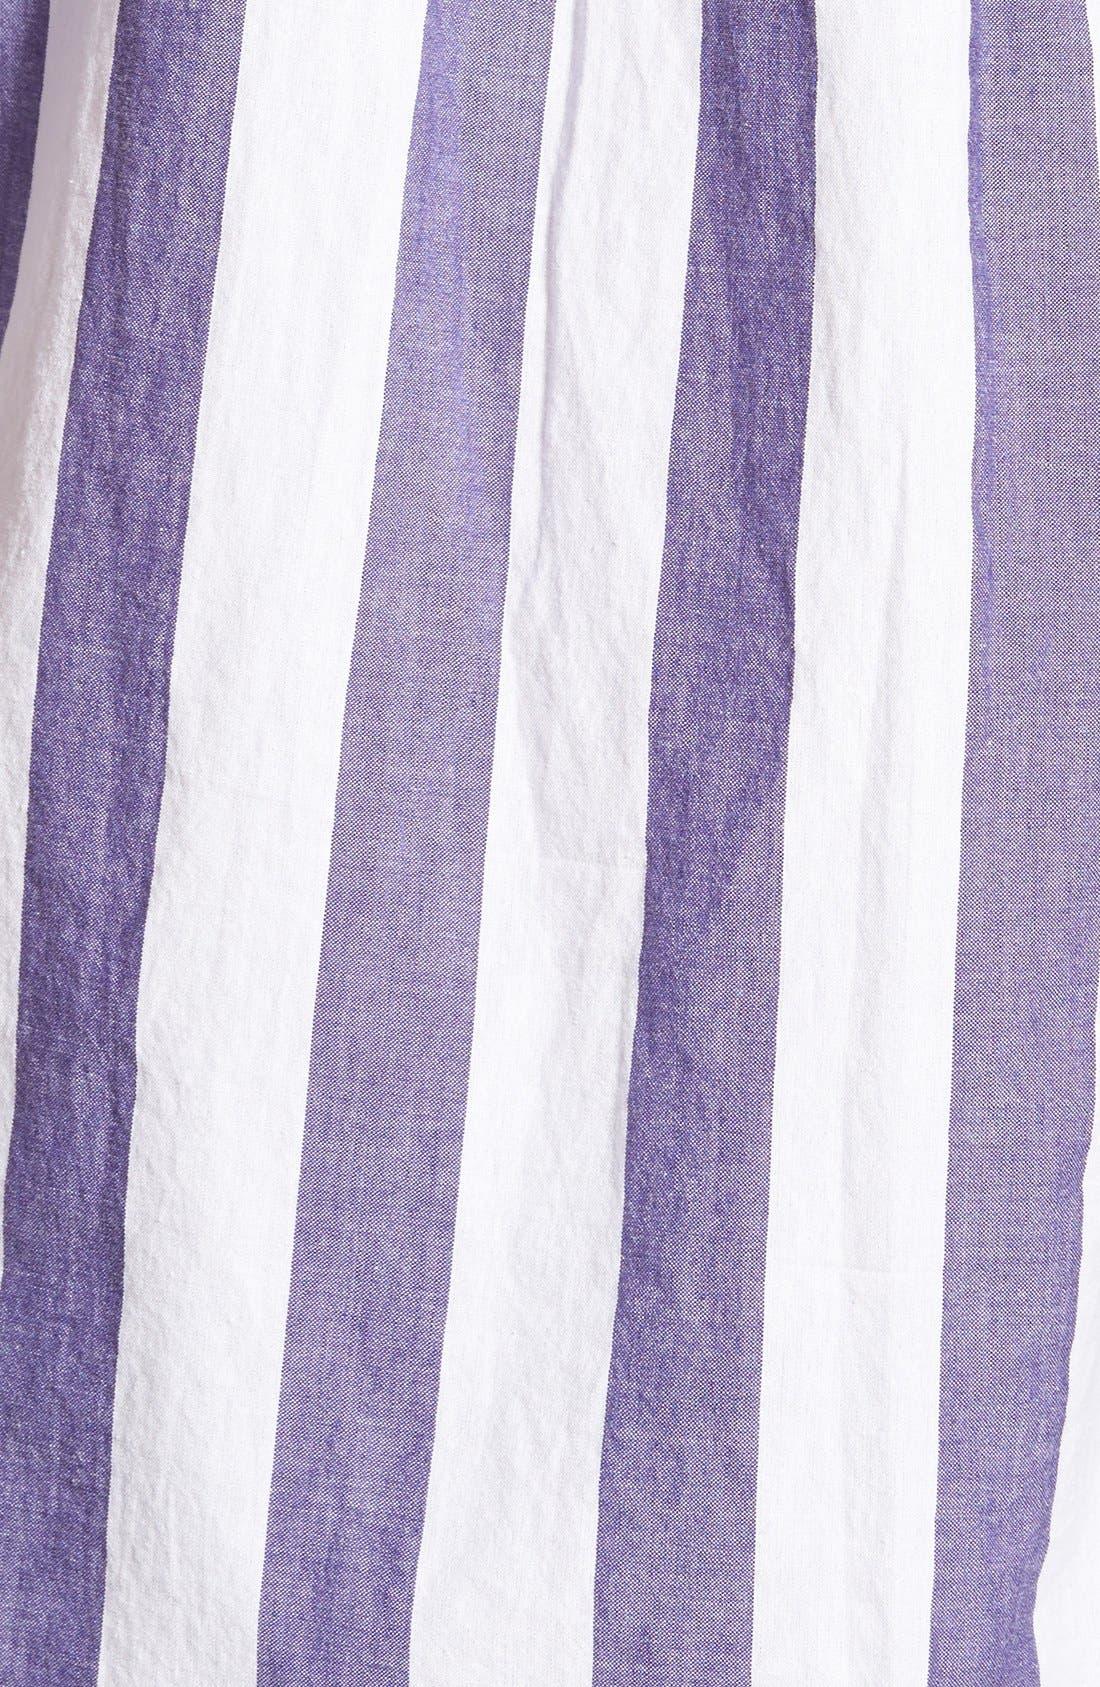 GANT RUGGER, E-Z Fit Madras Stripe Woven Pullover Shirt, Alternate thumbnail 4, color, 436